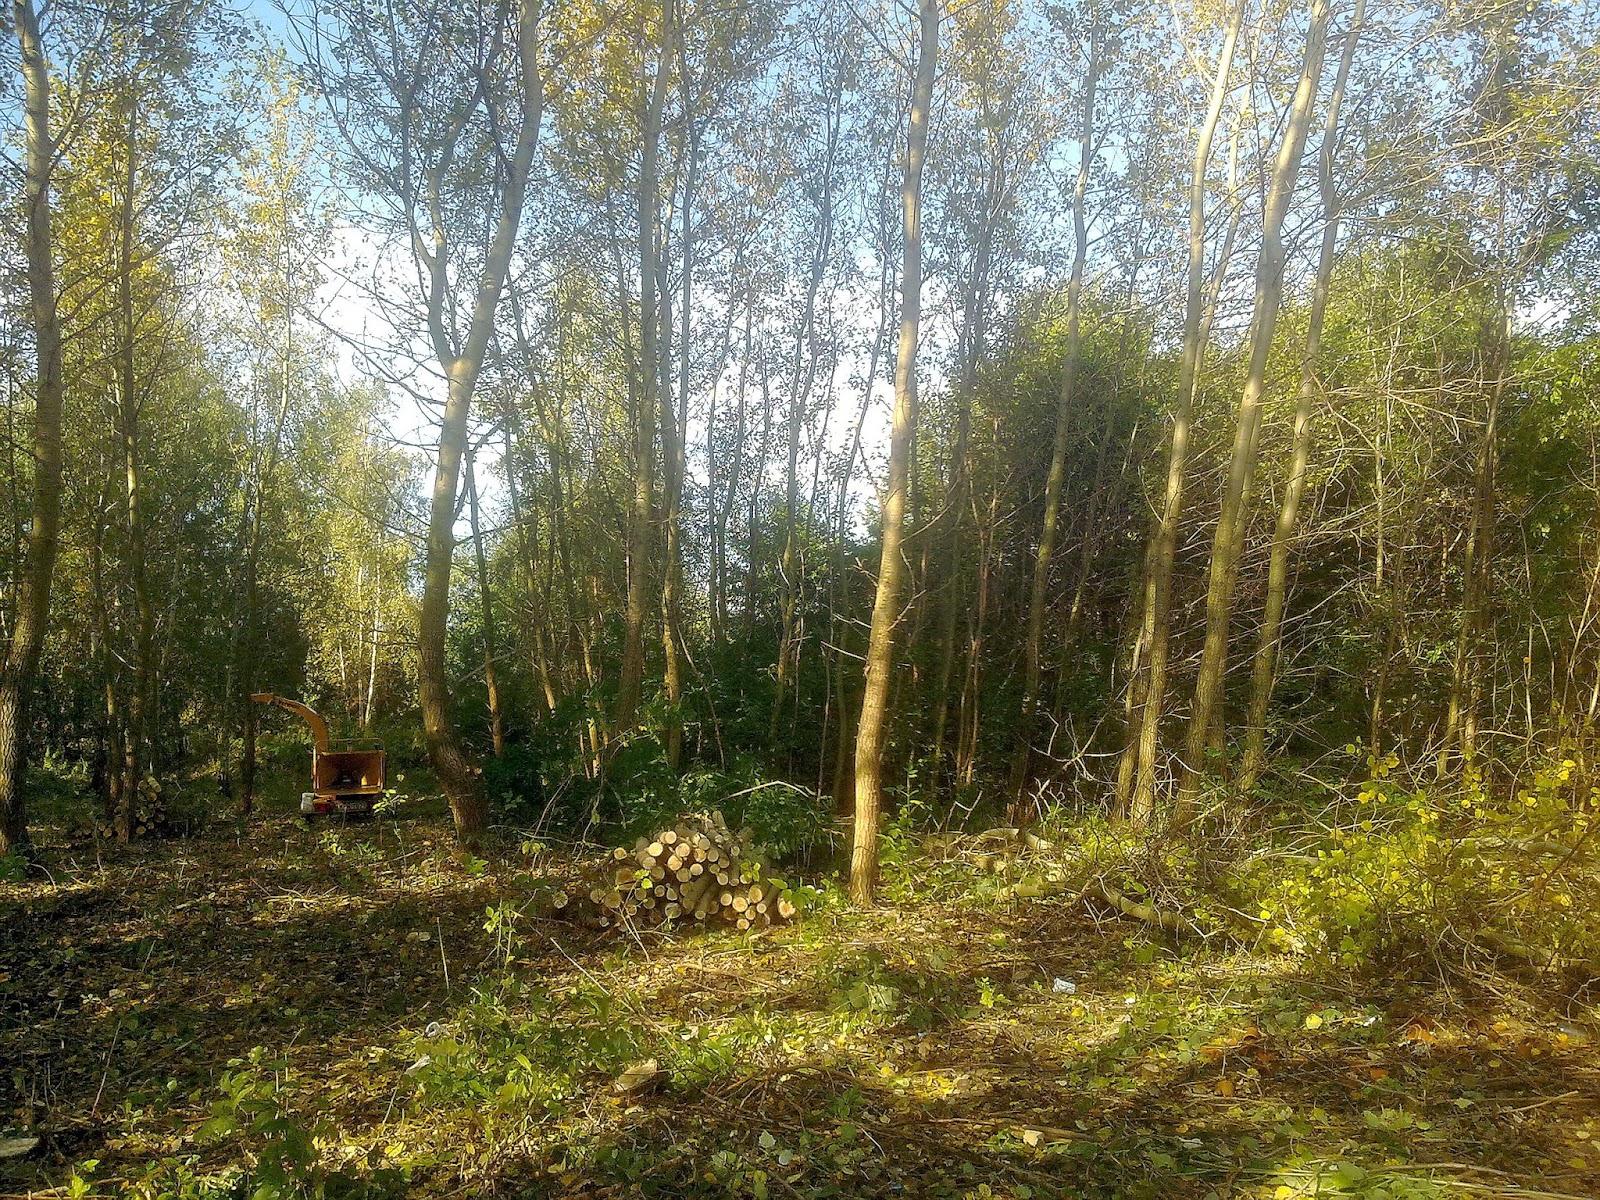 wycinka drzew,przygotowanie terenu pod inwestycje, inwentaryzacja drzew, pomiar drzew, Warszawa